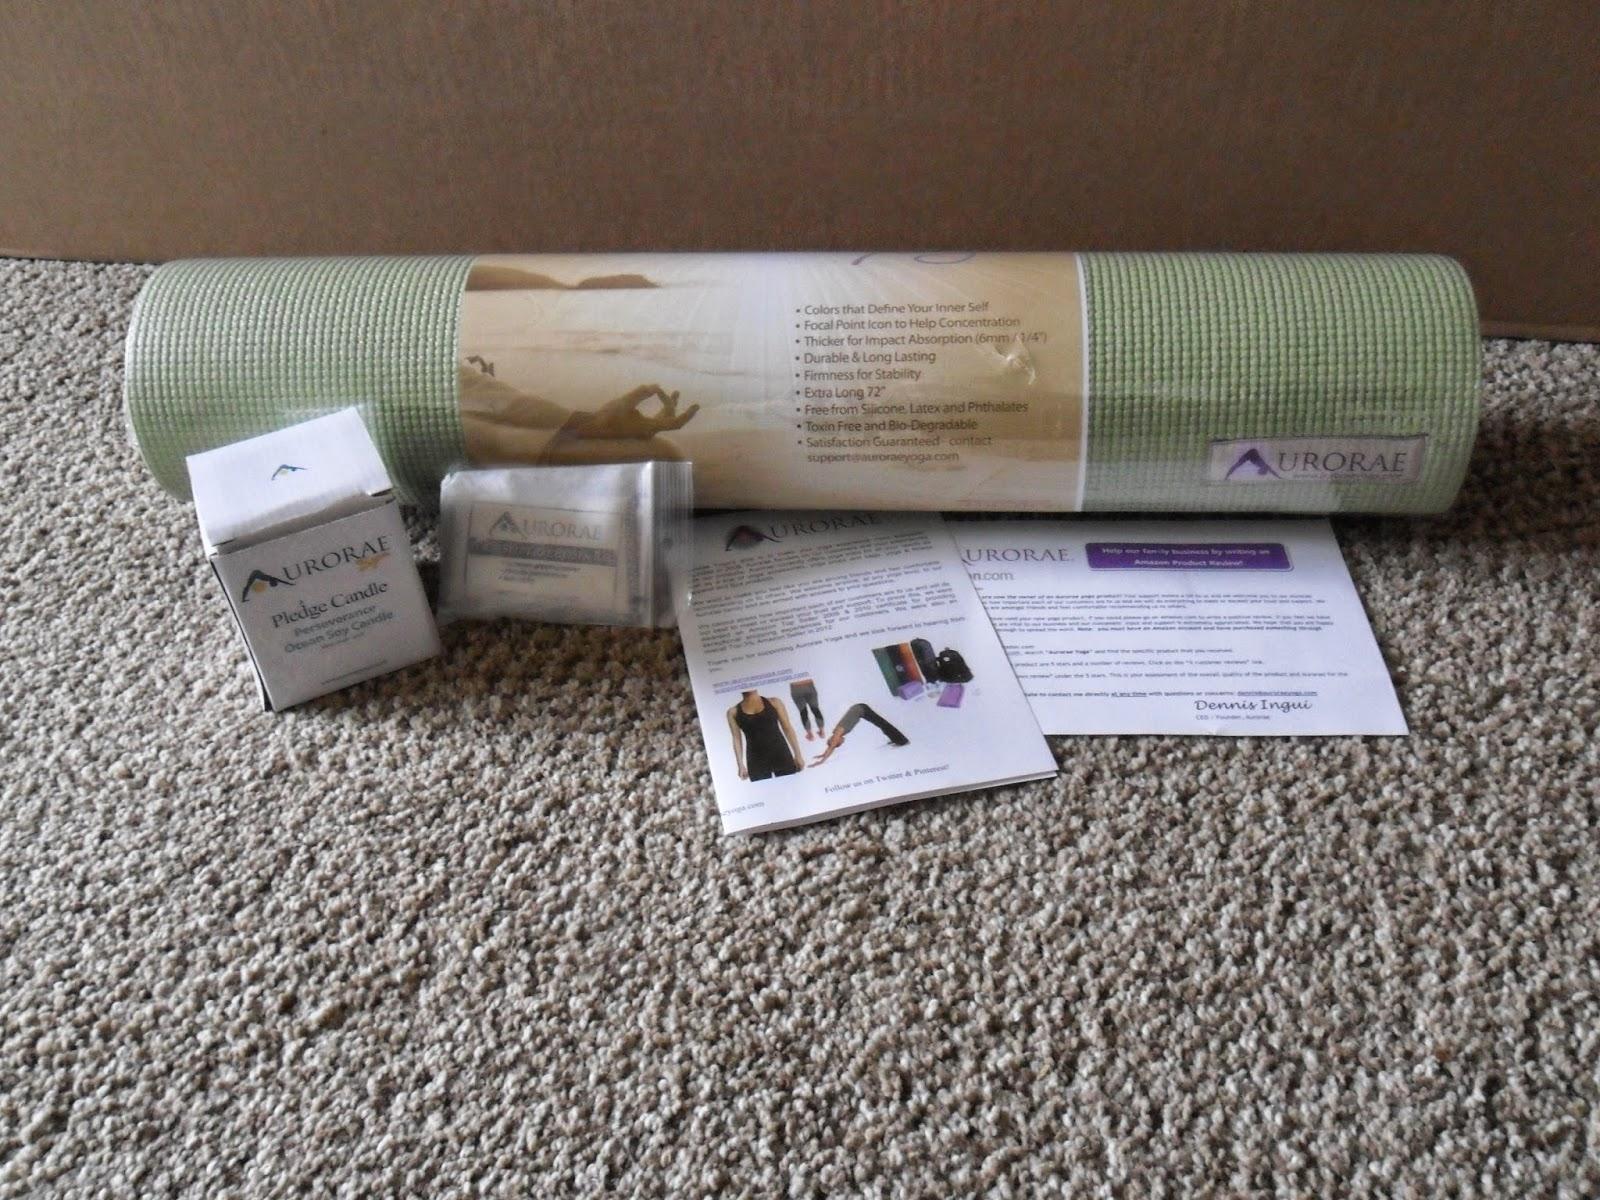 Aurorae Yoga Giveaway!